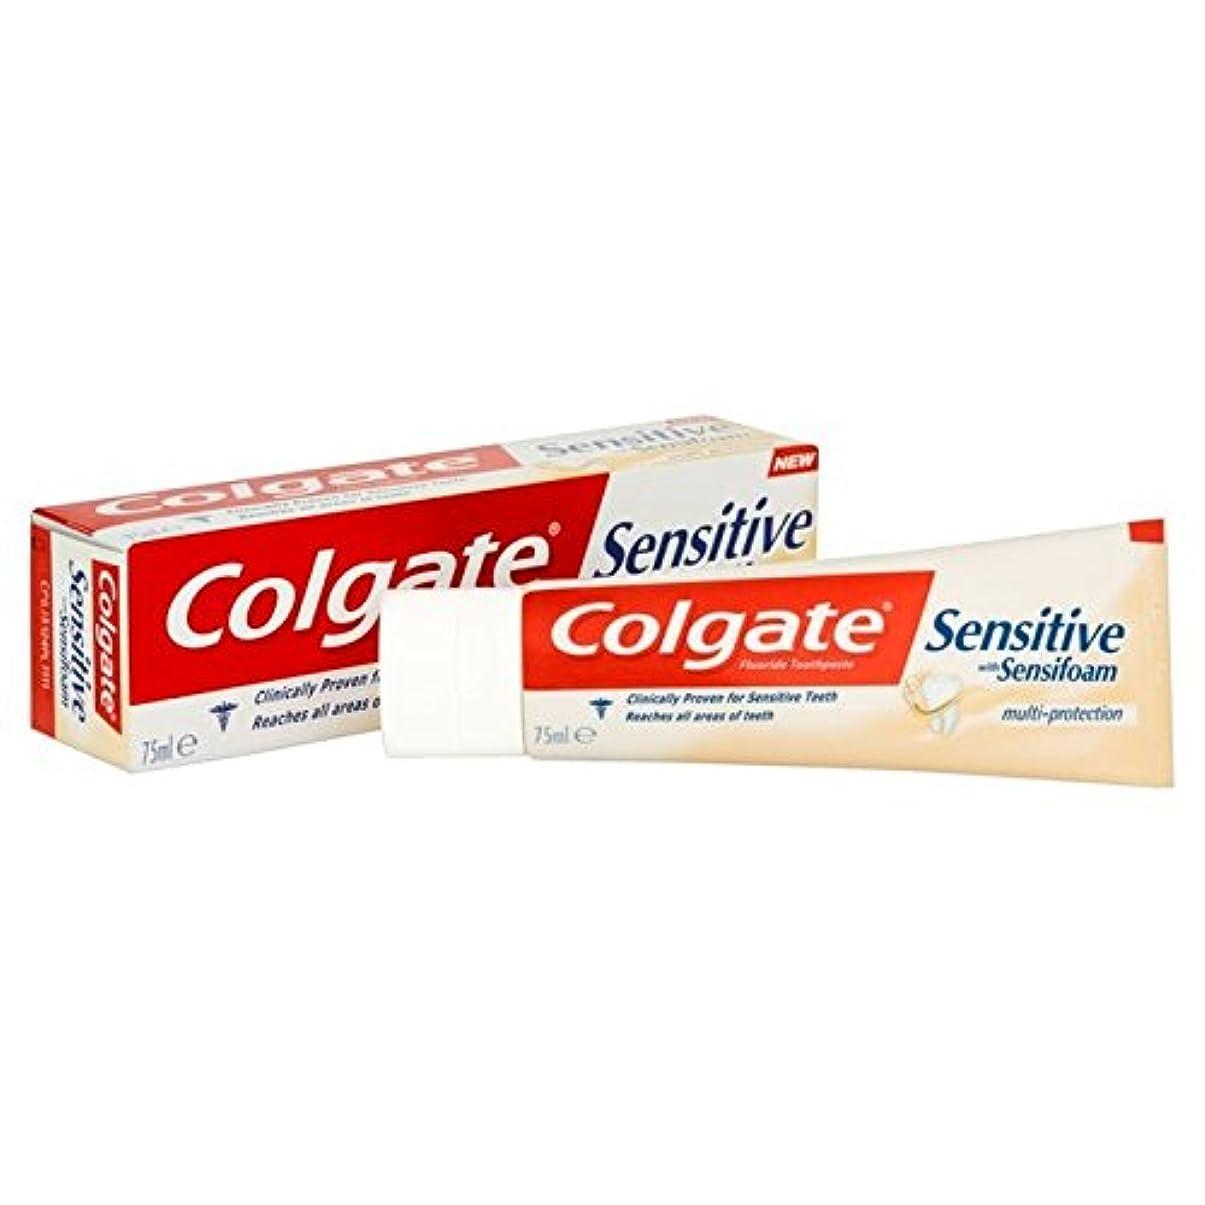 発明する仕事に行く仲介者コルゲート敏感な泡は、マルチ歯磨き粉75ミリリットルを保護します x4 - Colgate Sensitive Foam Multi Protect Toothpaste 75ml (Pack of 4) [並行輸入品]